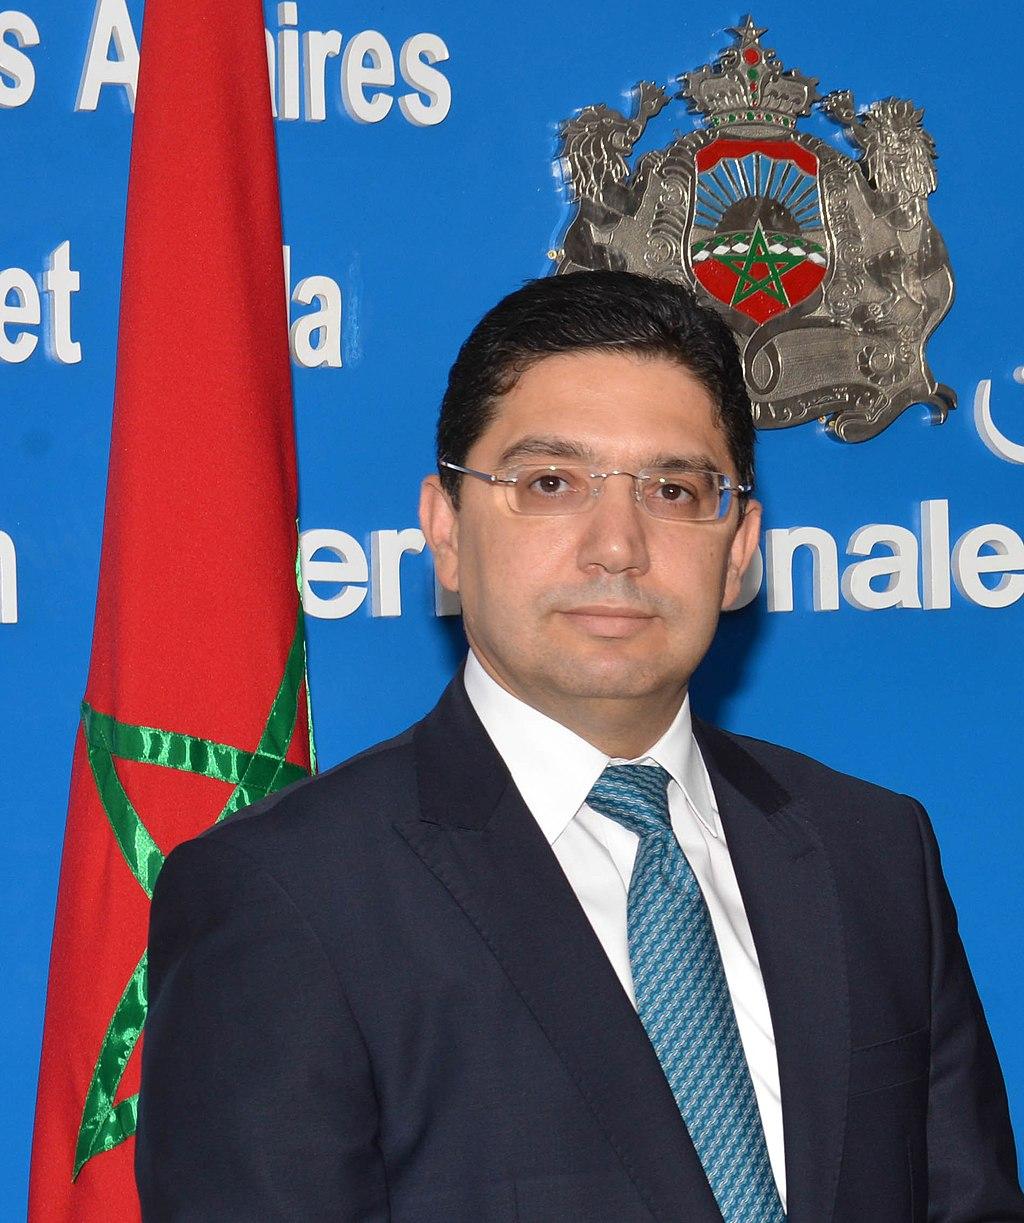 Maroc : l'ambassadeur d'Iran prié de quitter le pays